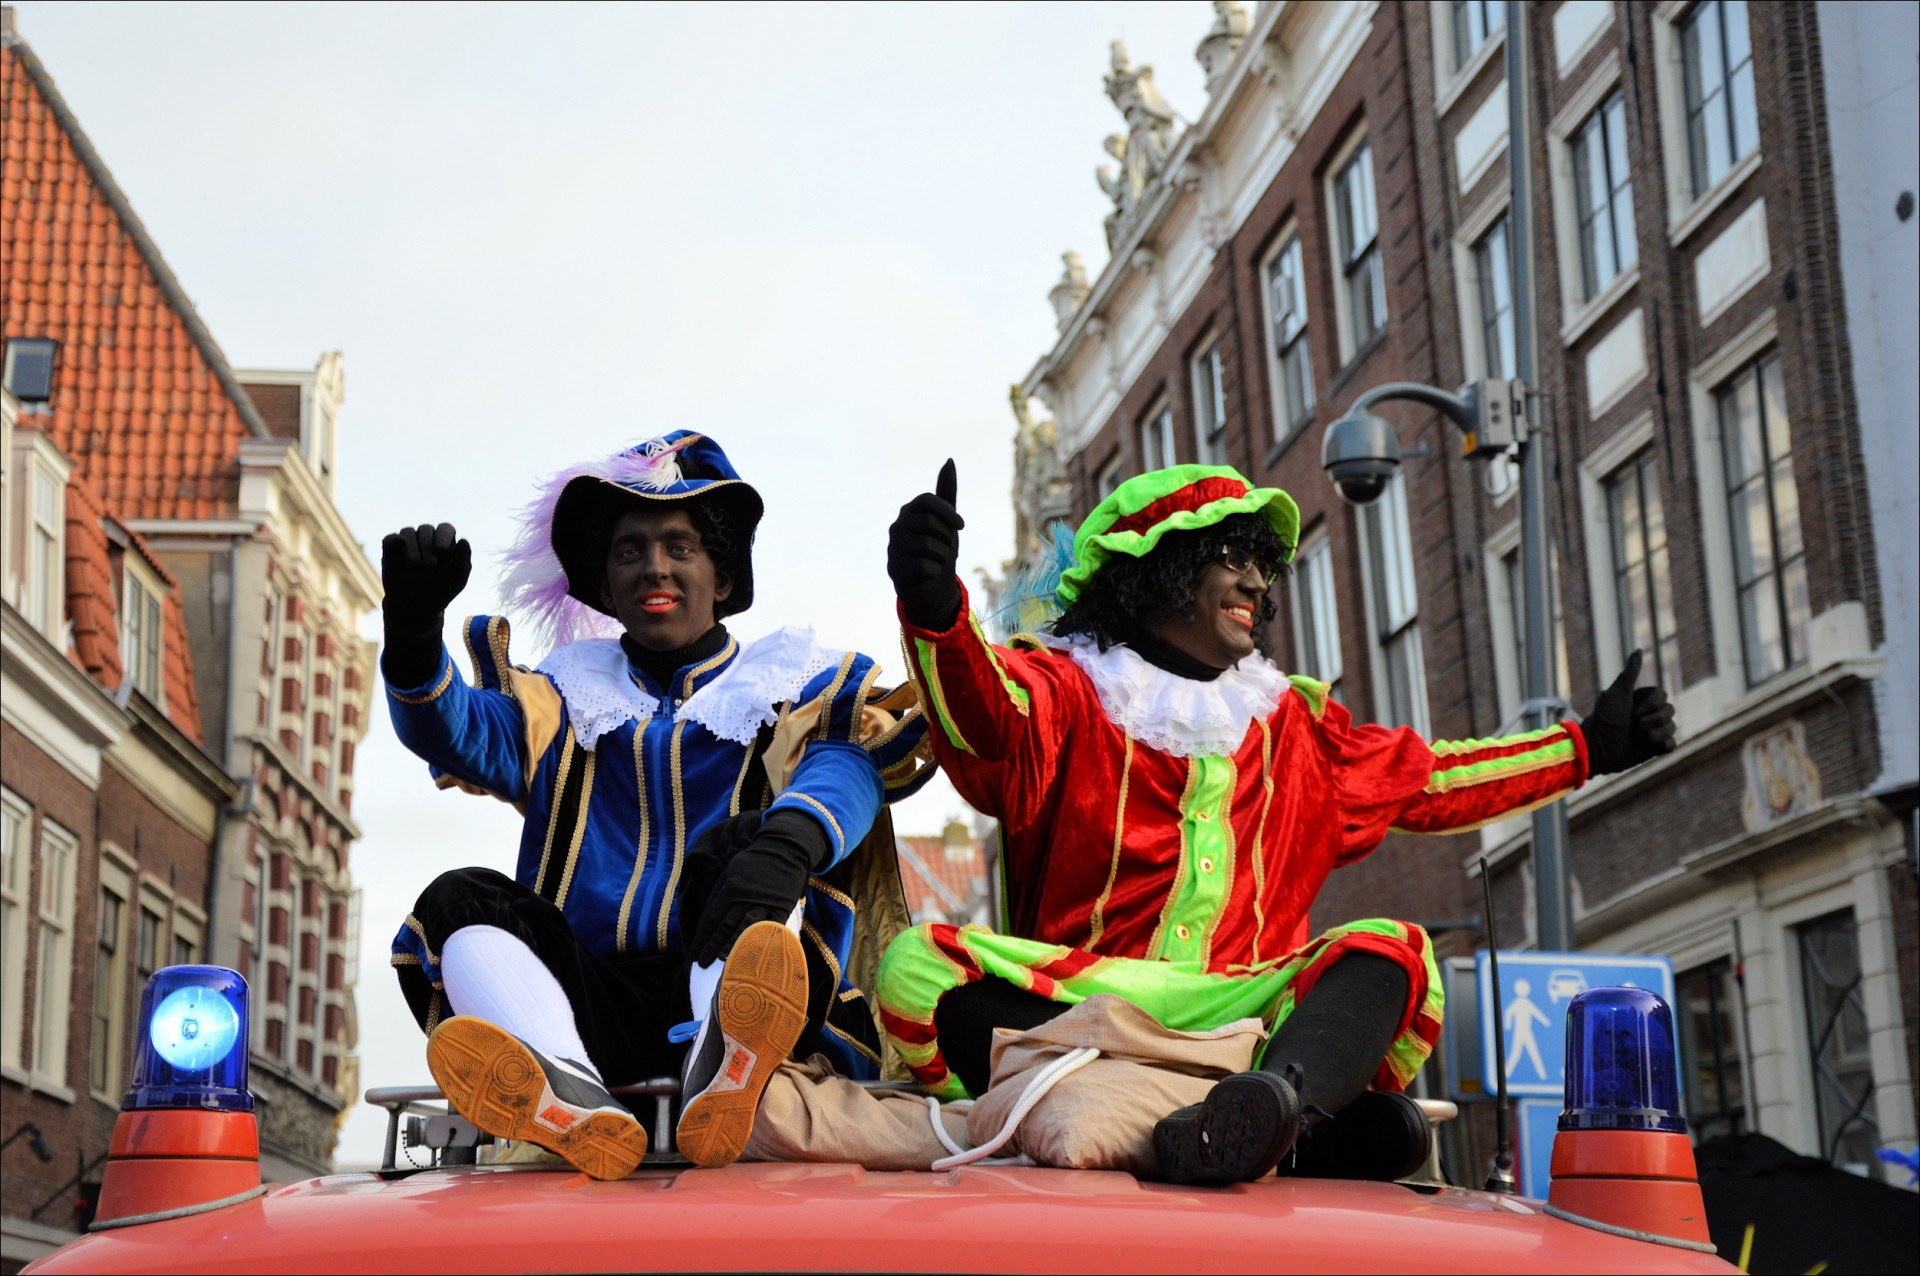 Zes verschrikkelijke dingen die Bol.com verkoopt terwijl Zwarte Piet verbannen wordt